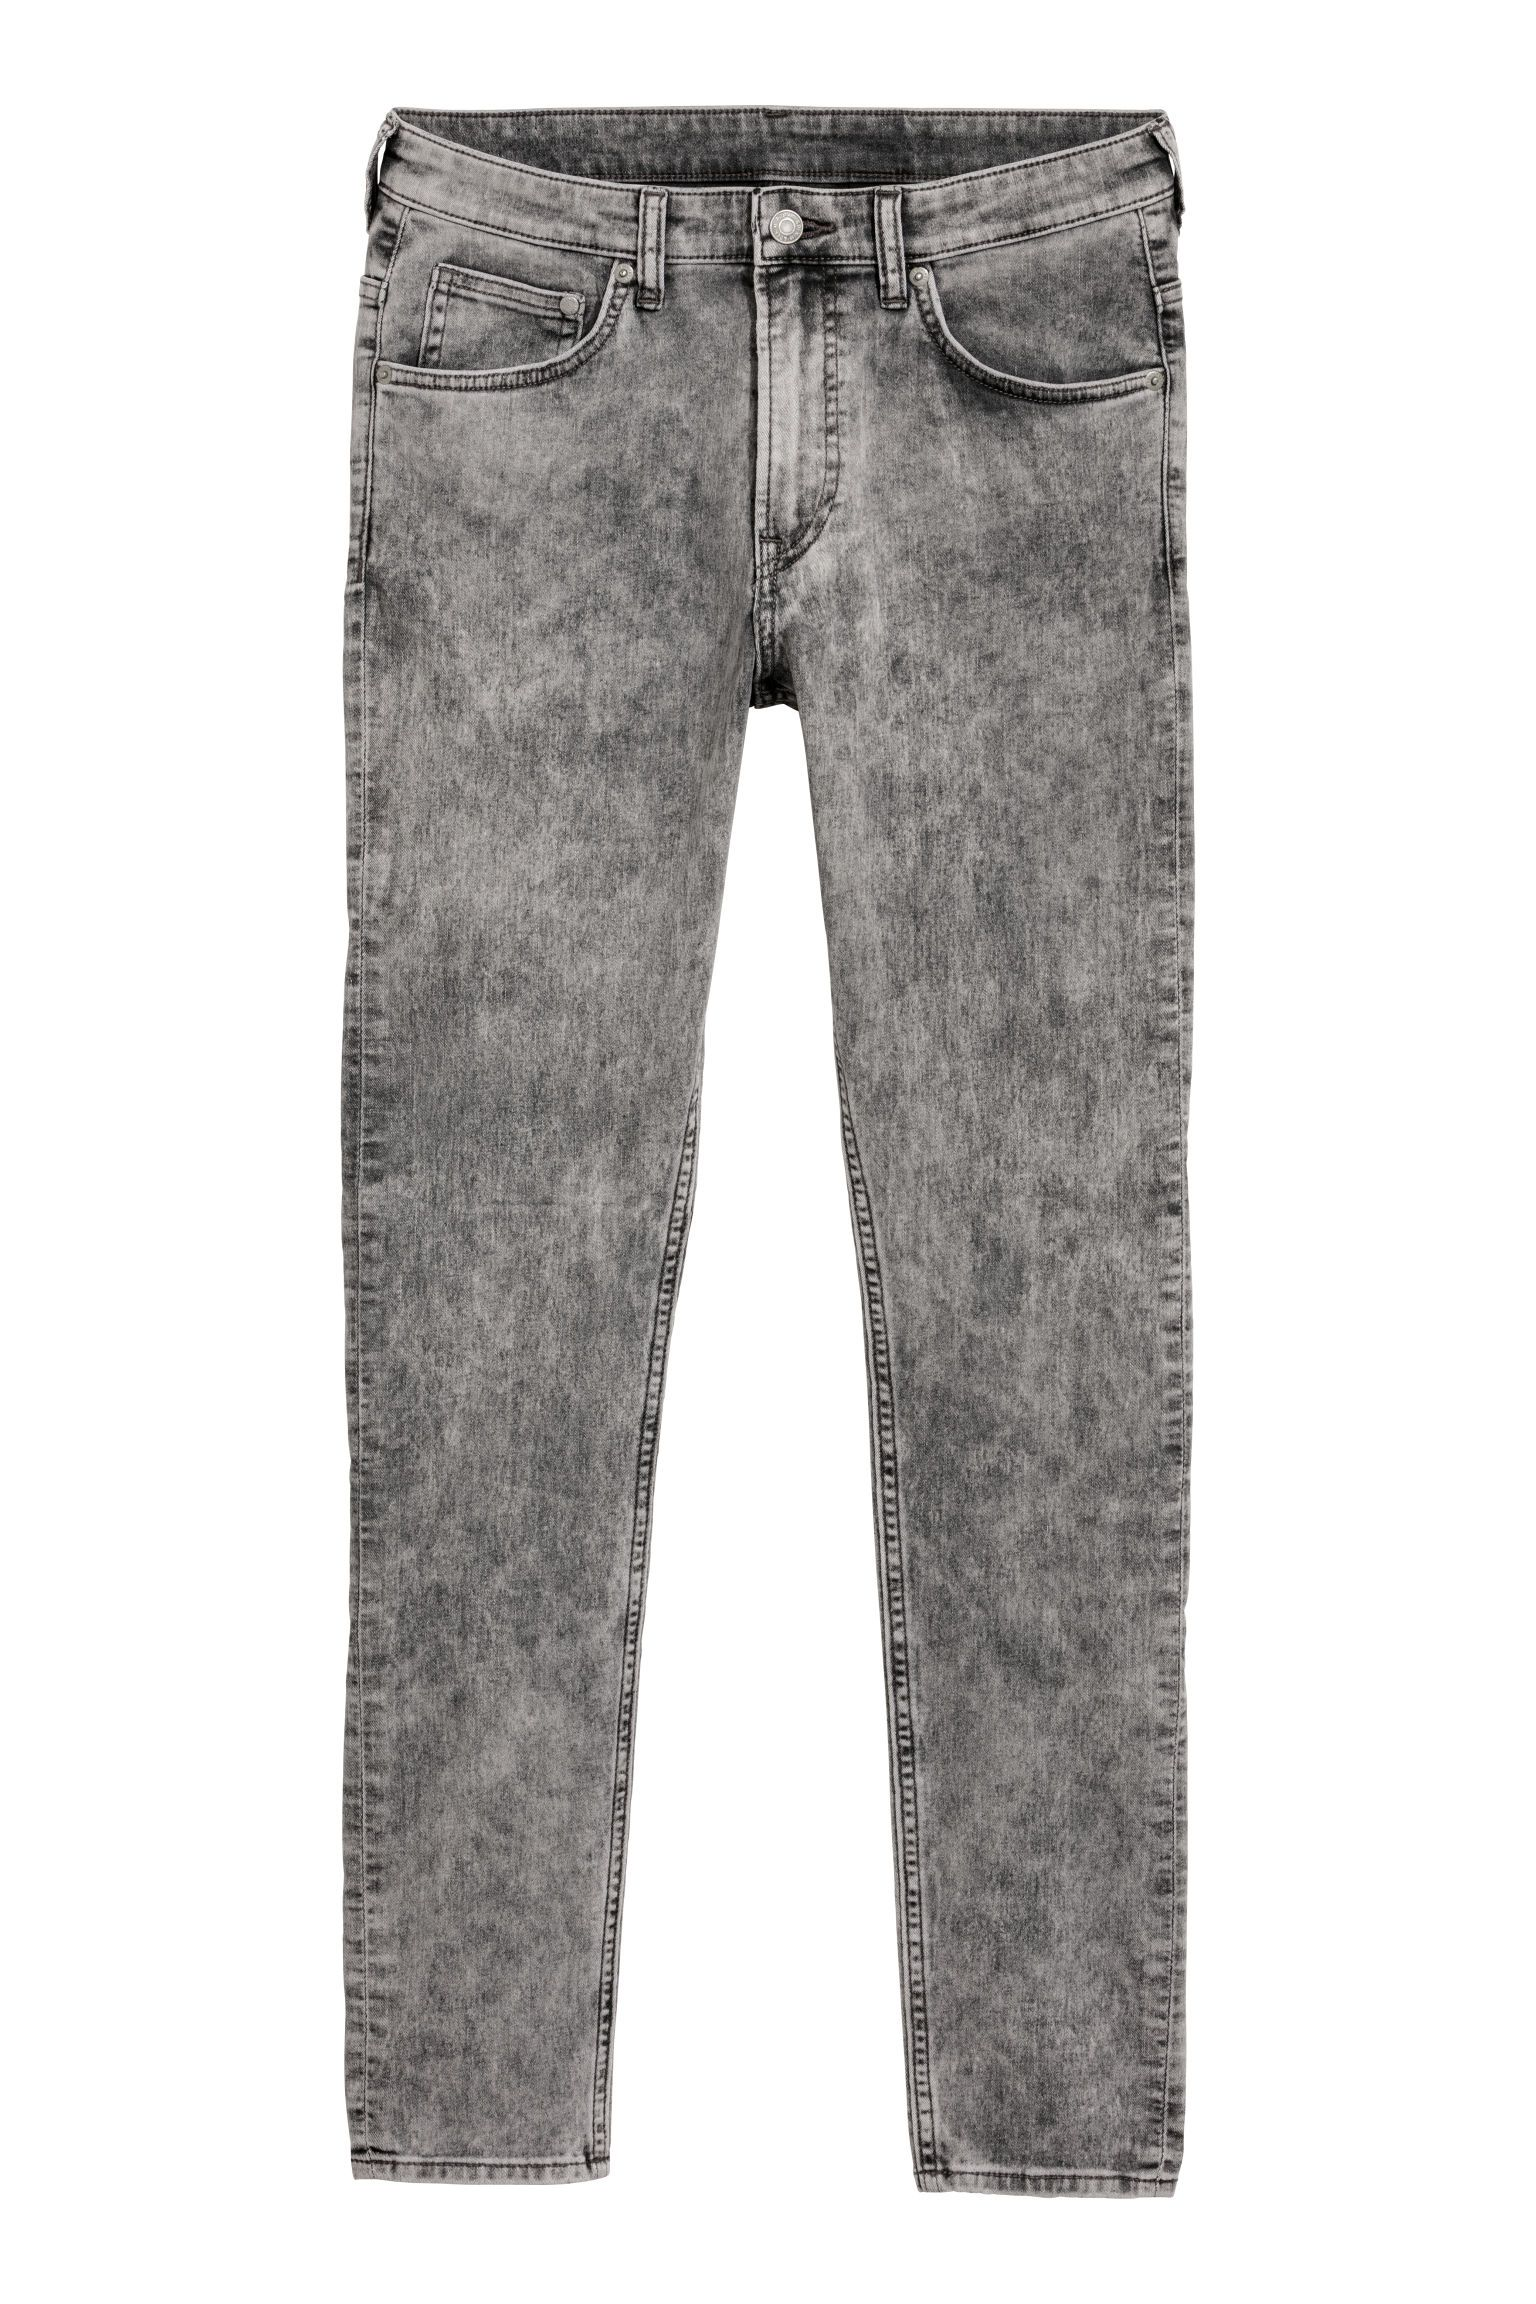 حصرية ملعقة محو H M Jeans Hombre Natural Soap Directory Org